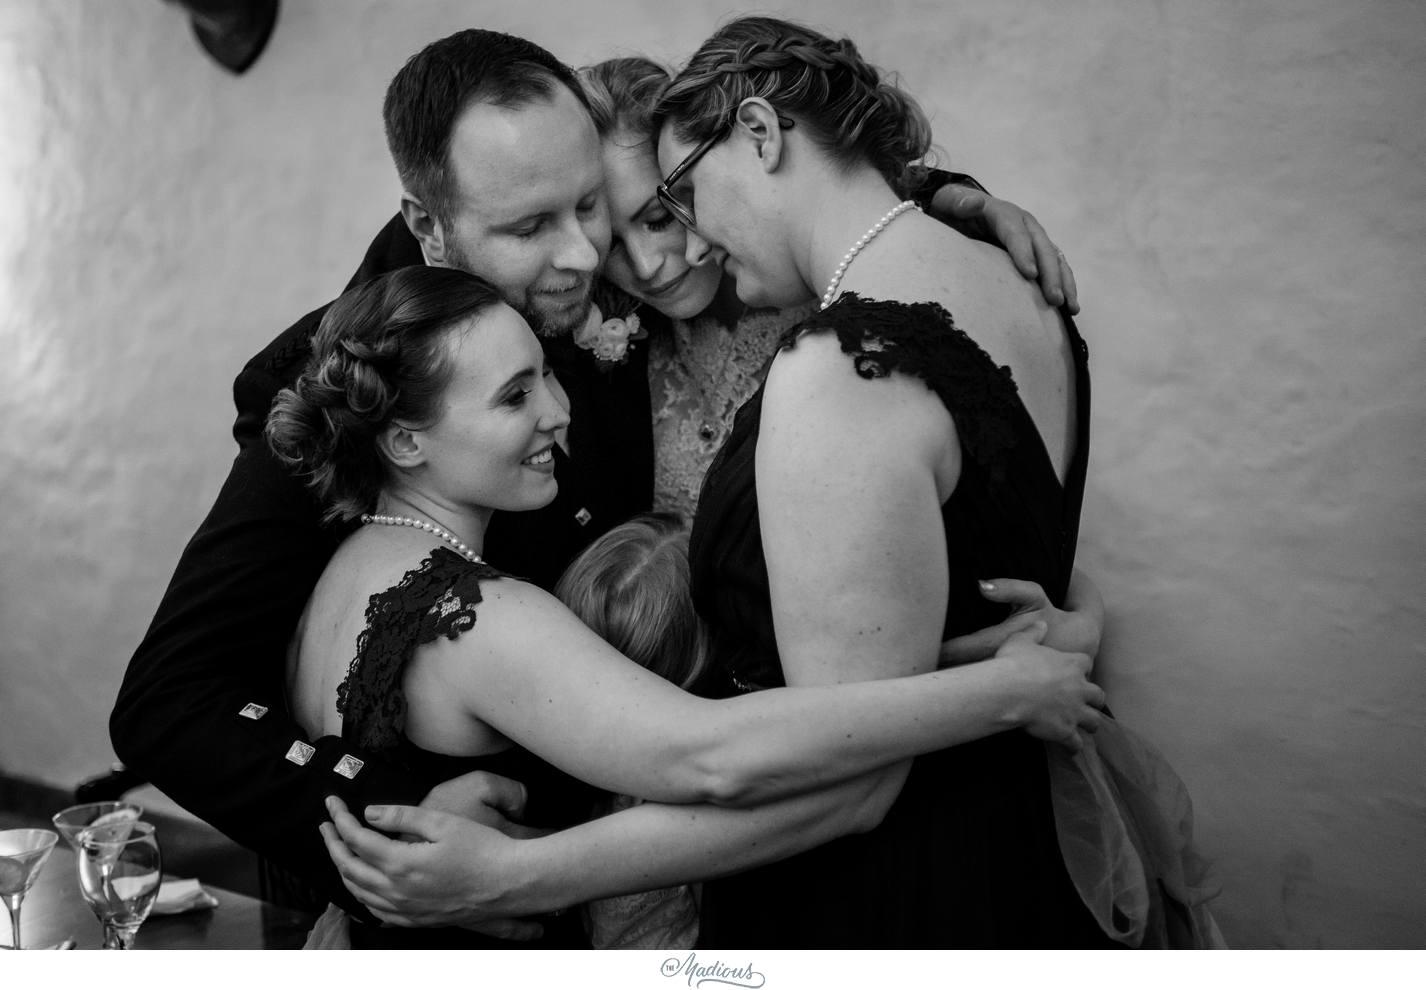 Balbegno_Dunnotar_Castle_Scottland_Wedding_64.jpg